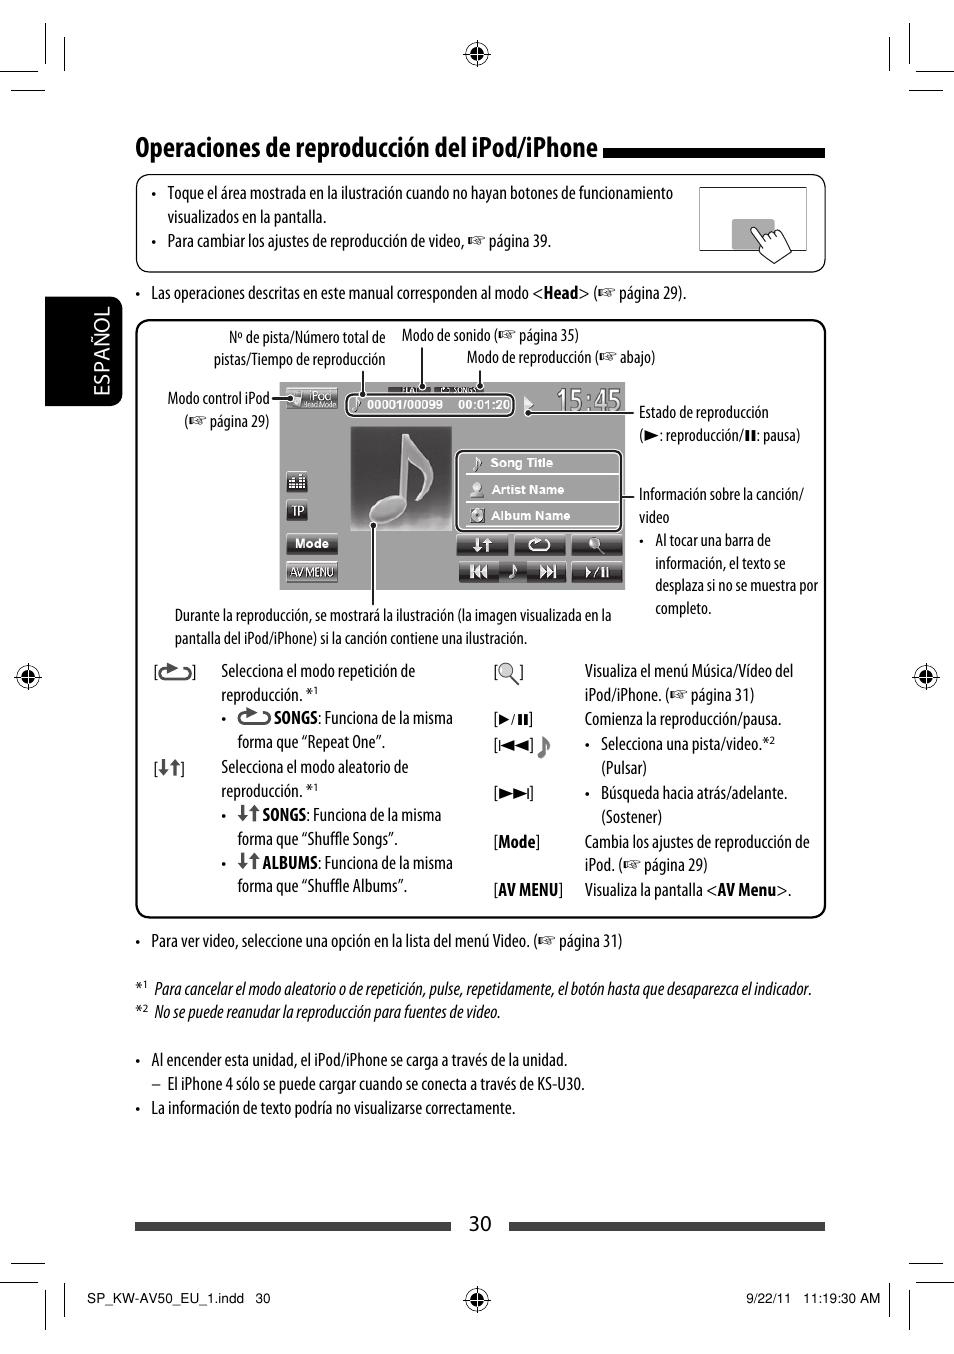 Operaciones de reproducción del ipod/iphone, Español 30 | JVC KW ...